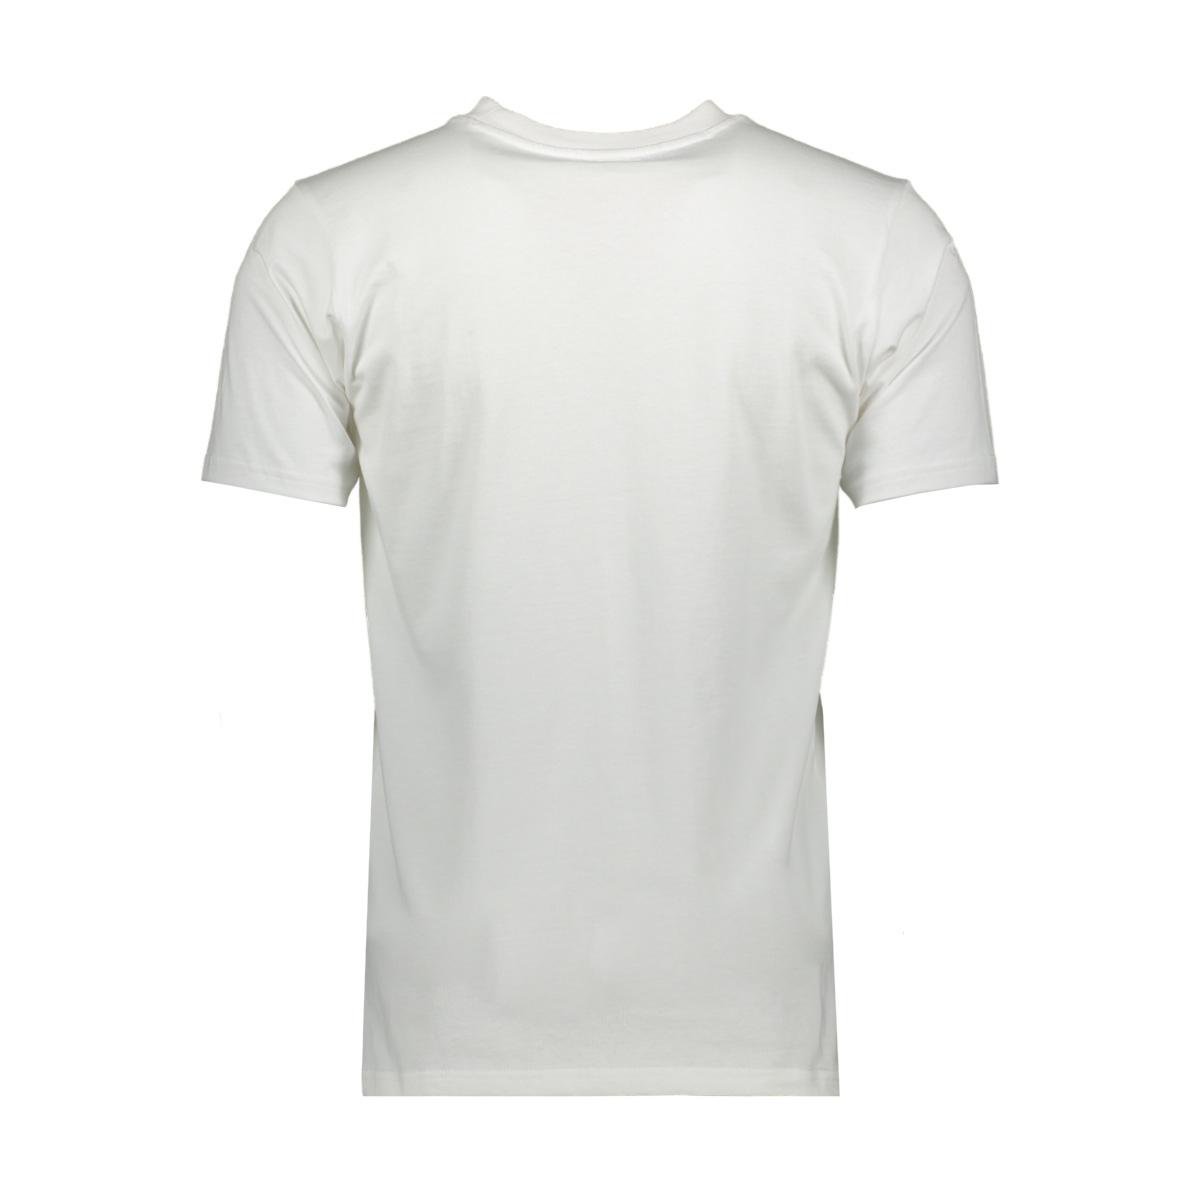 20010110 purewhite t-shirt 01 white